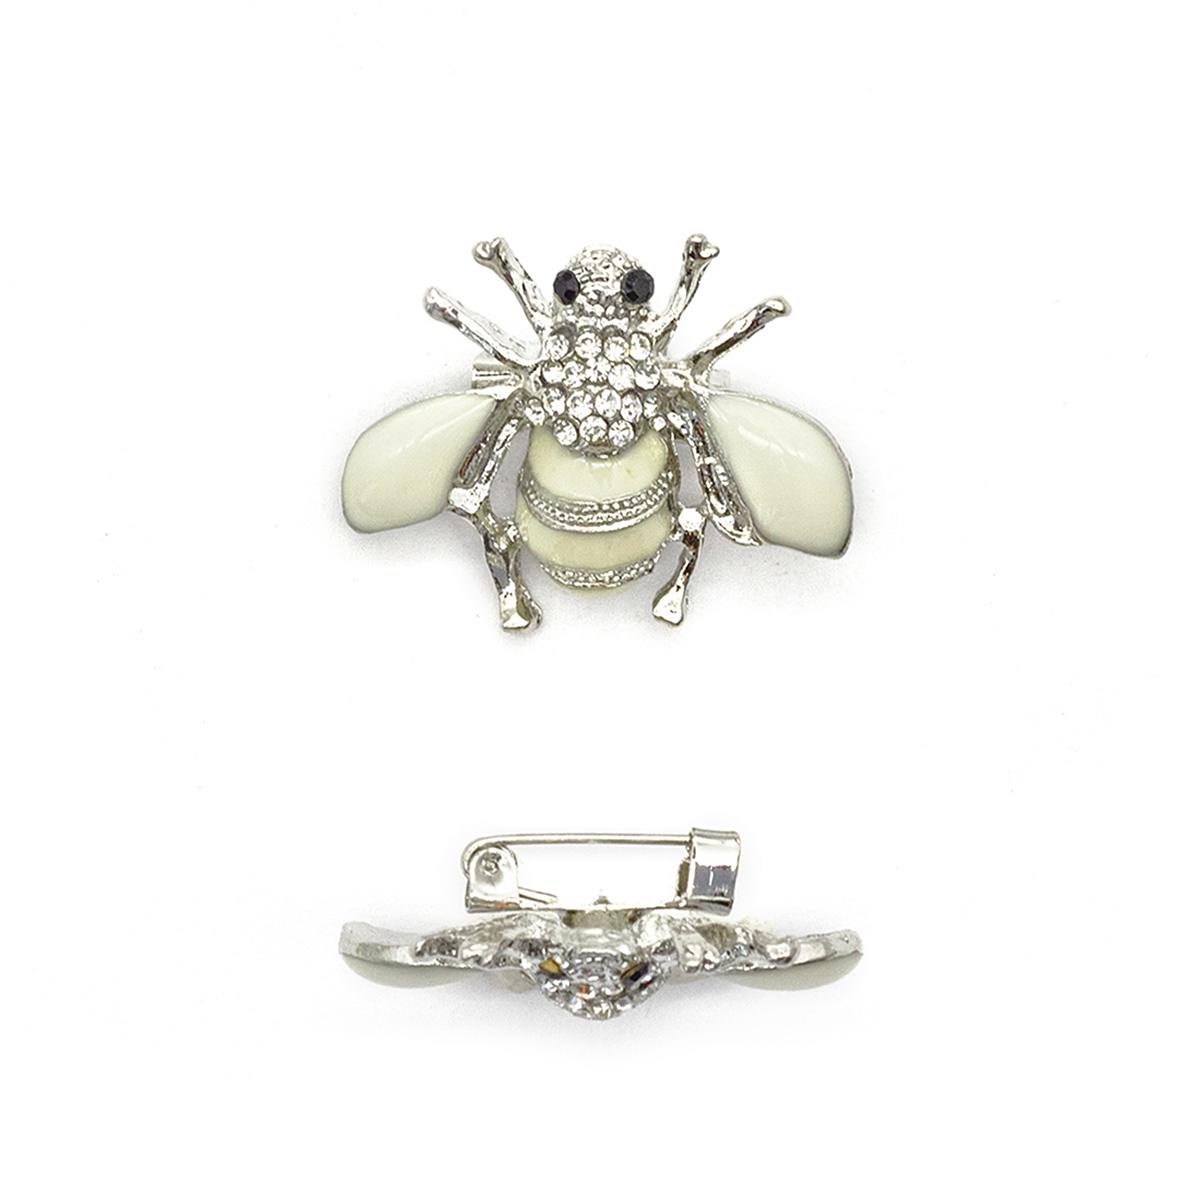 ГСХ584 Брошь Пчела 30*29мм, никель+белый/белый страз